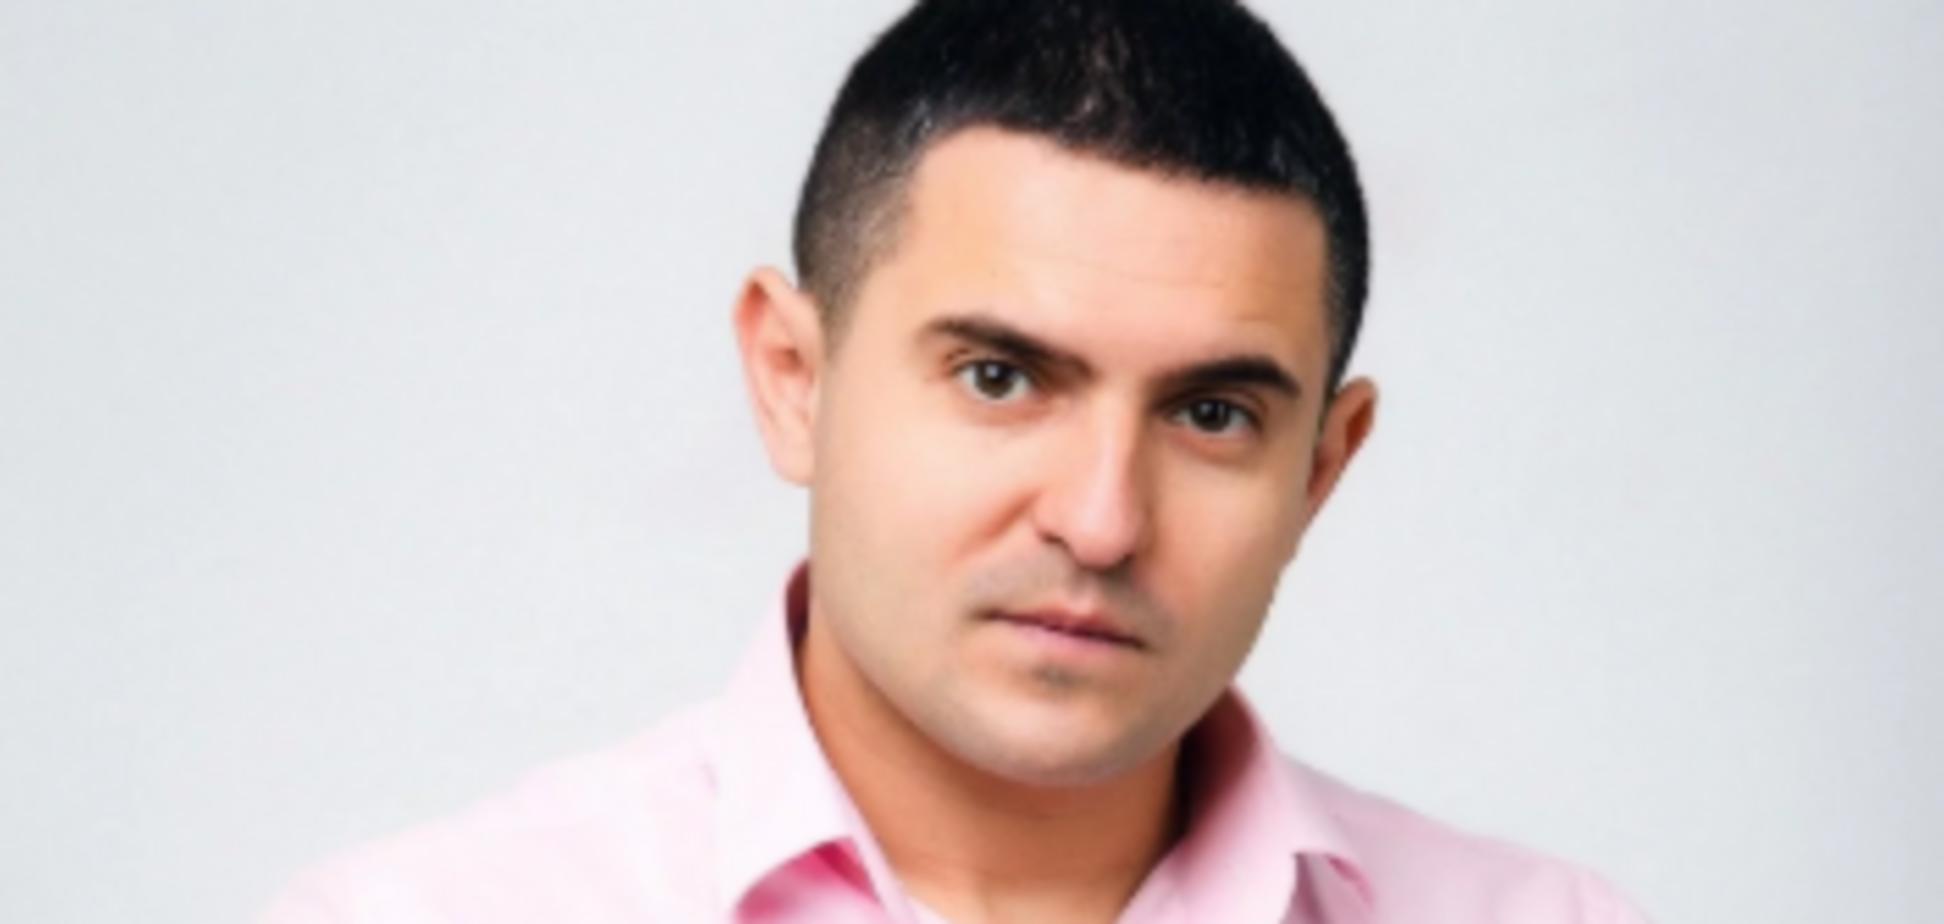 От 'Слуги народа' в Харькове баллотируется гражданин Израиля